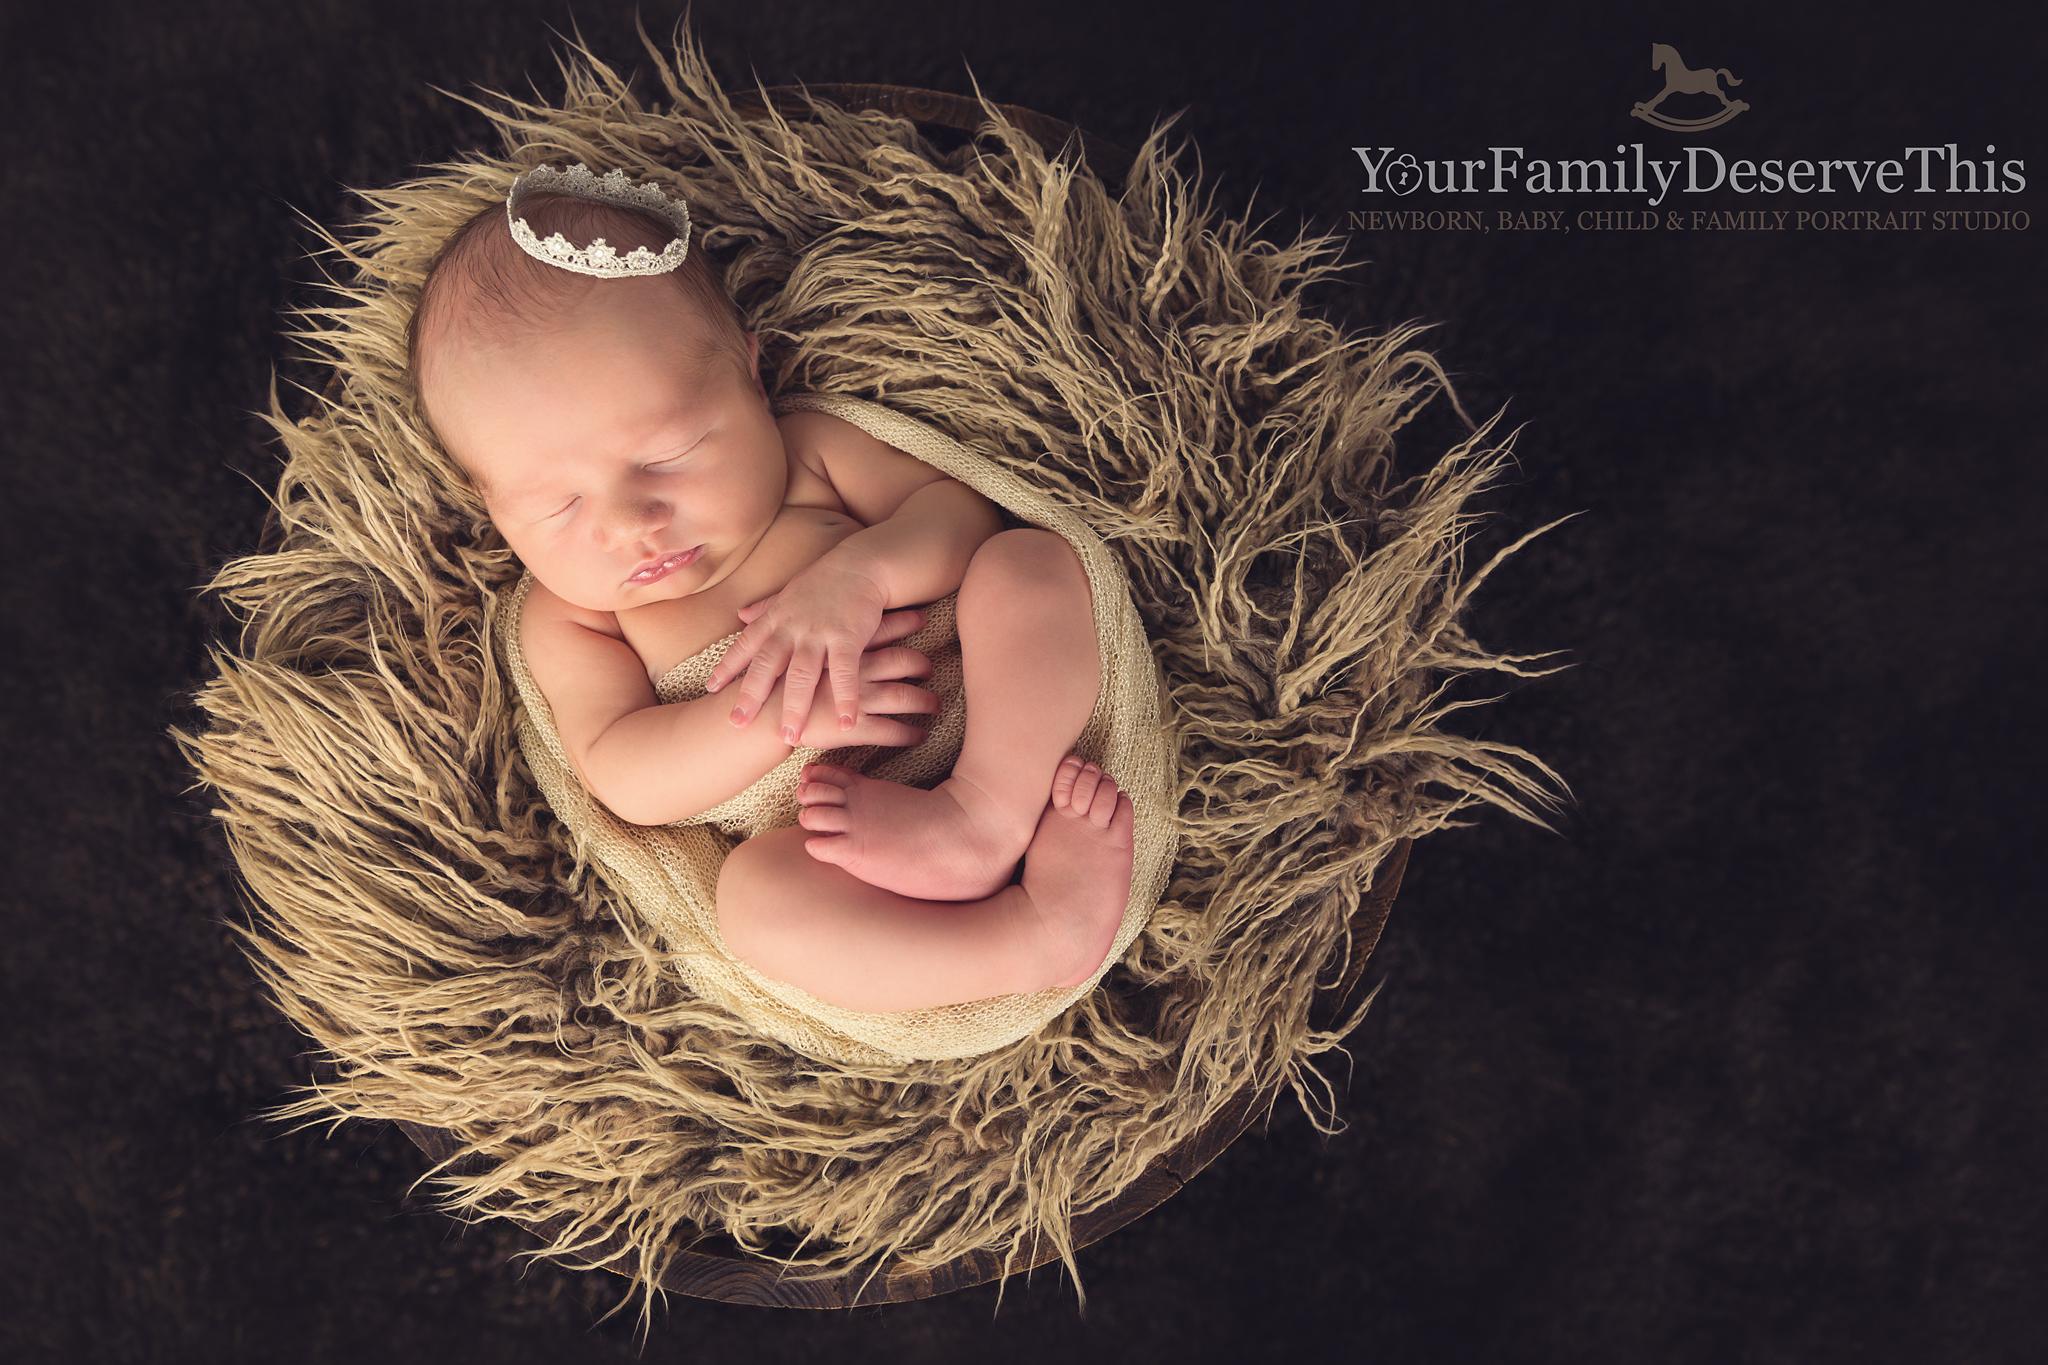 YourFamilyDeserveThis-Newborn-Photography-Hampshire-UK